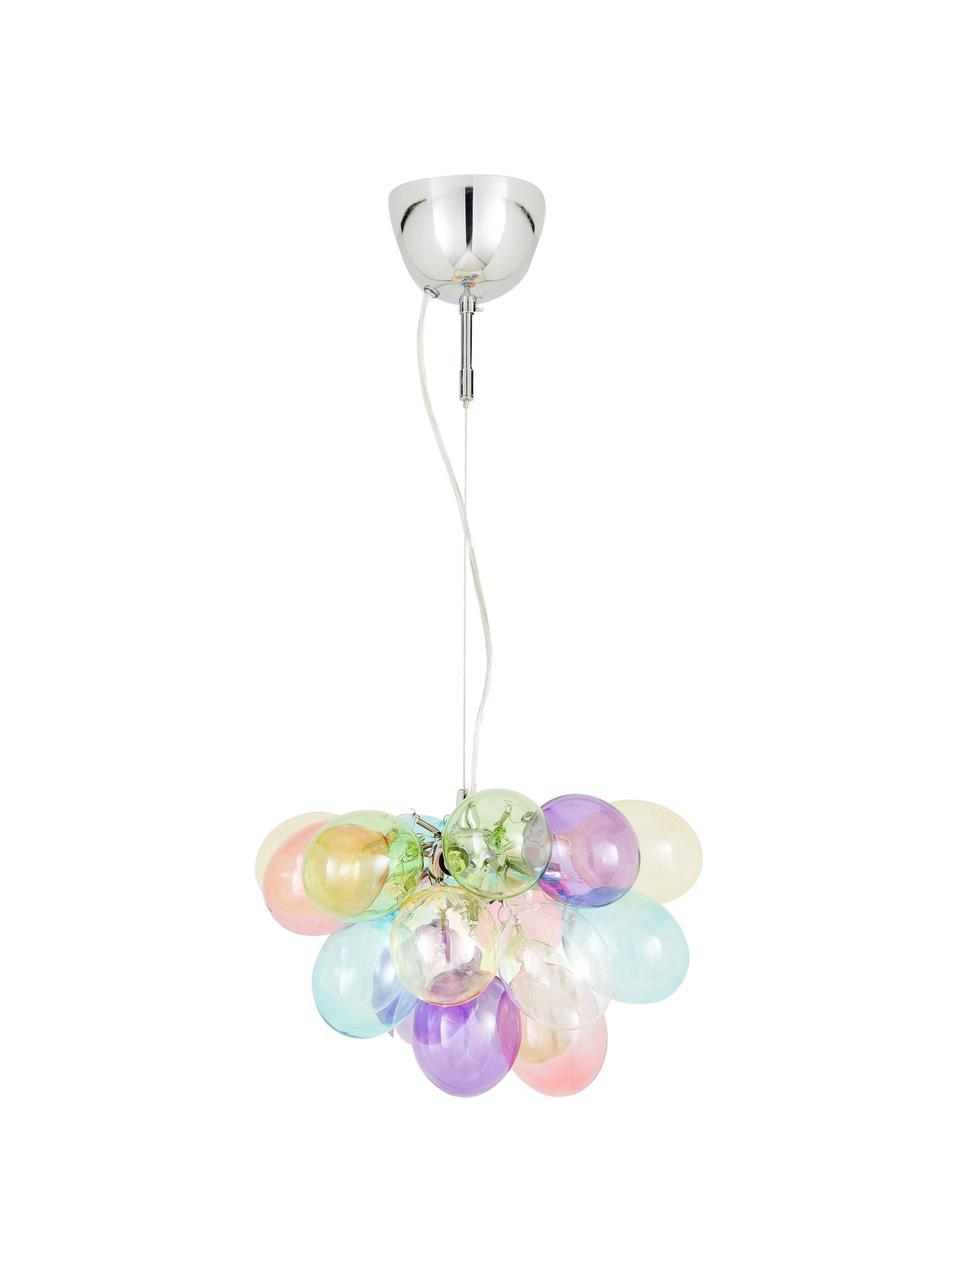 Lampada a sospensione con sfere in vetro Gross Solo, Baldacchino: metallo rivestito, Multicolore, Ø 30 x Alt. 28 cm